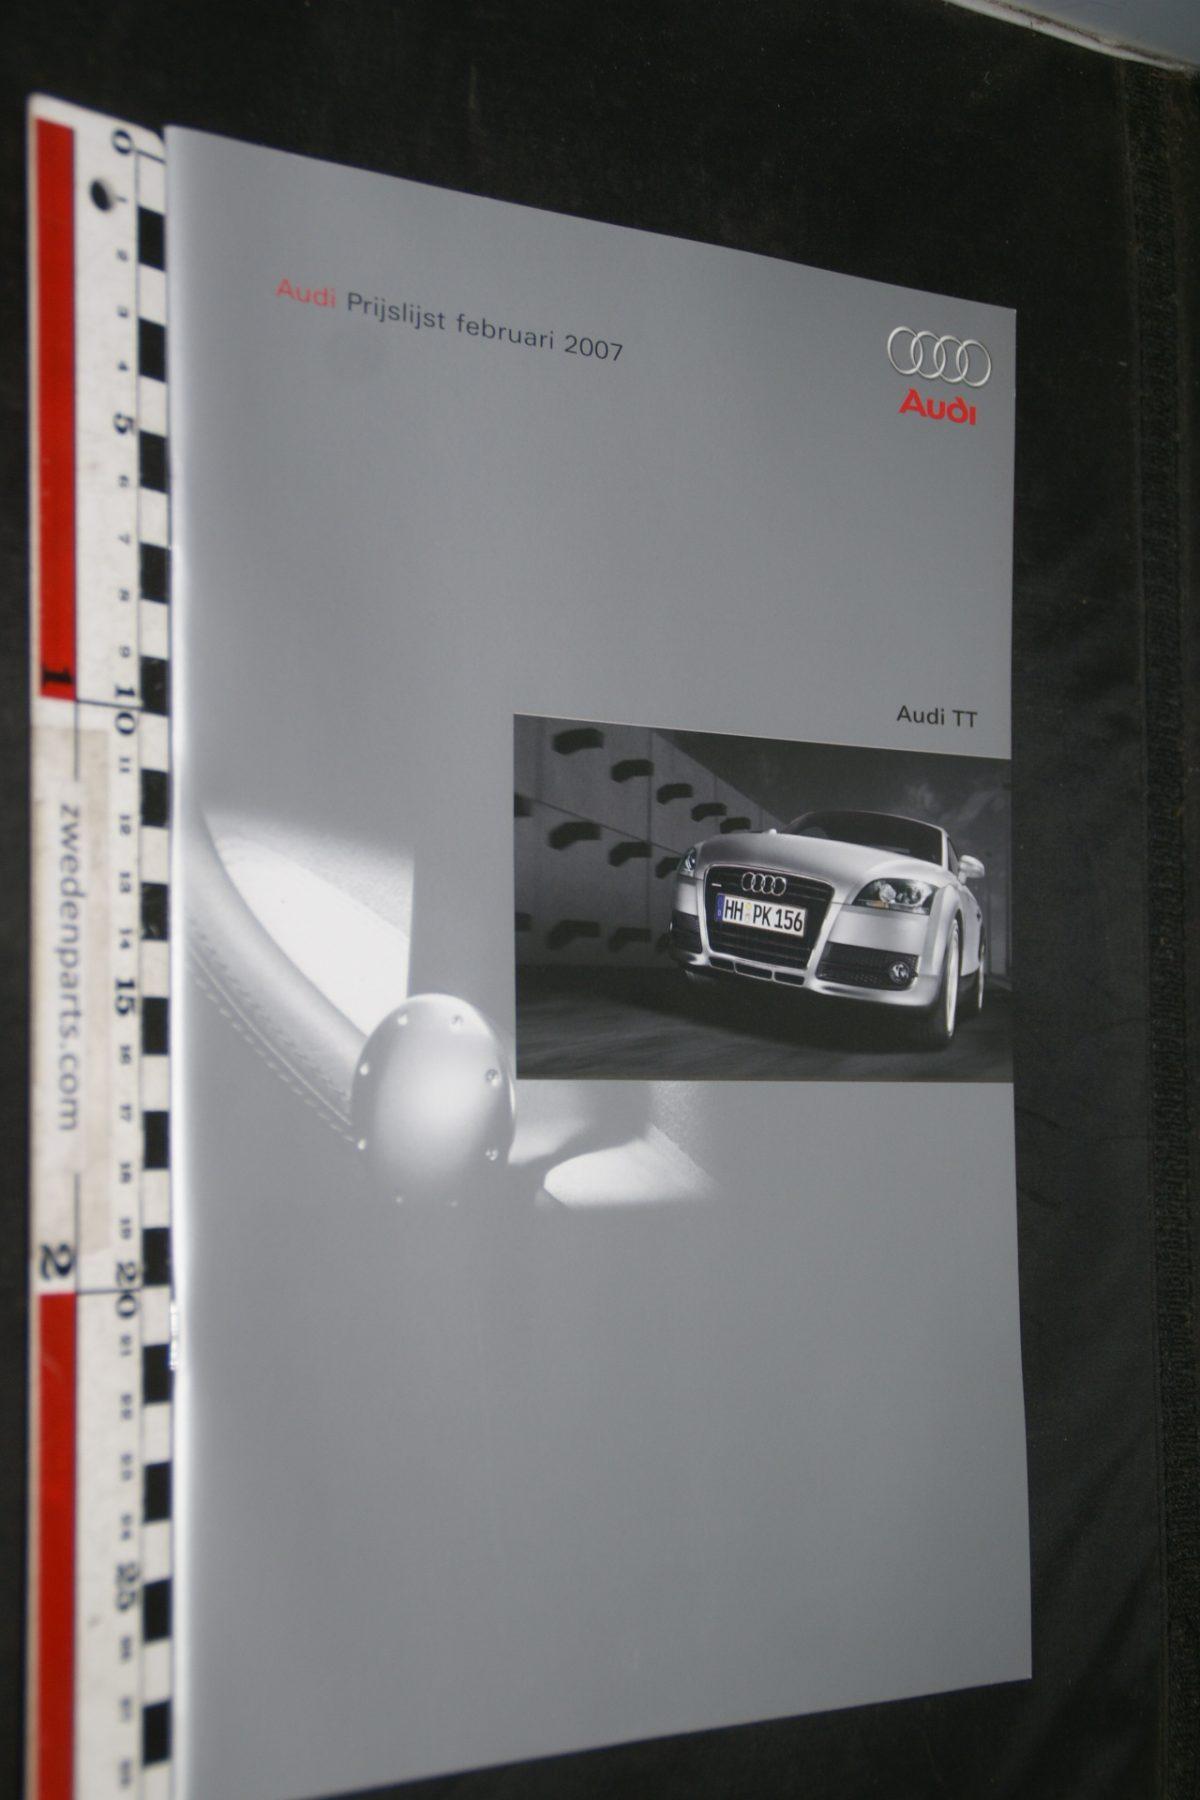 DSC05526 2007 brochure prijslijst Audi TT